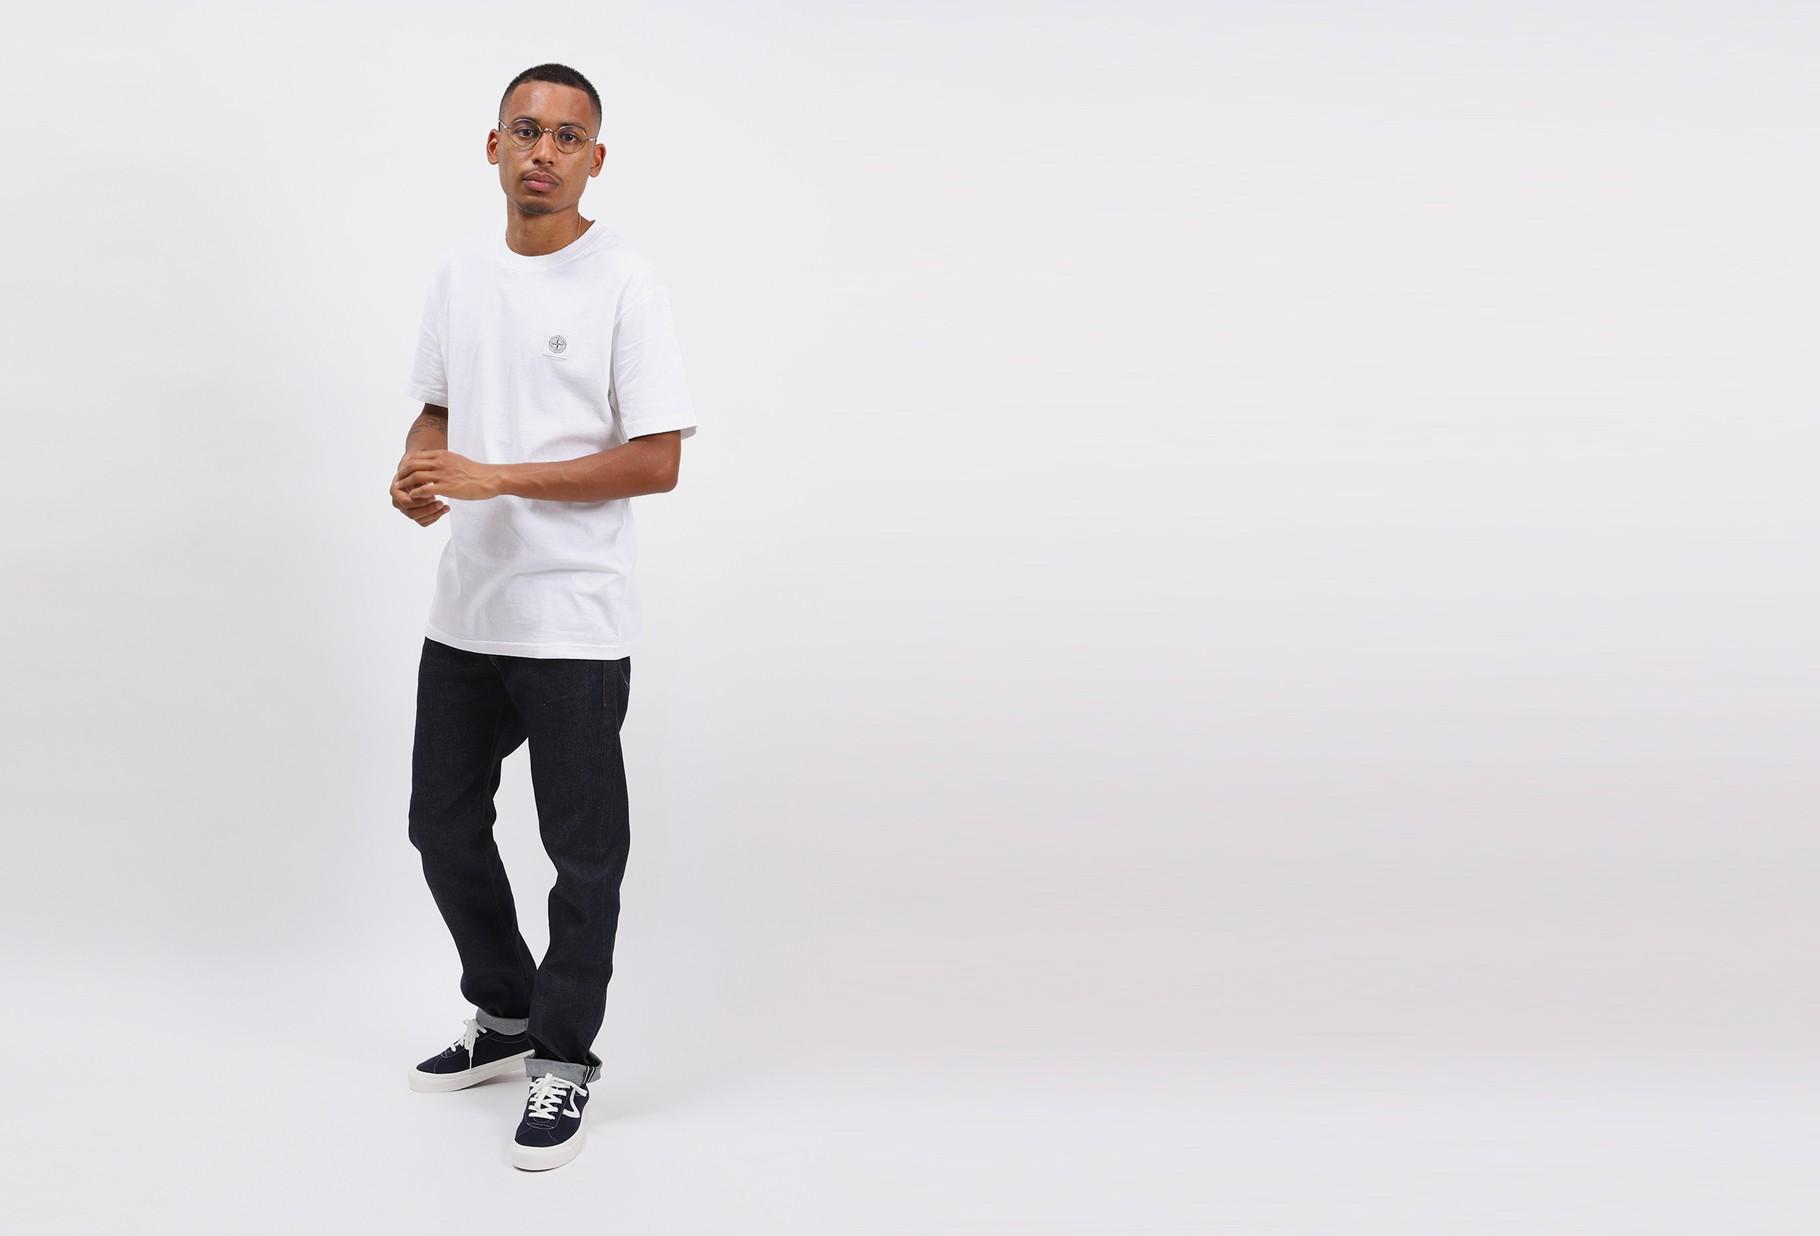 STONE ISLAND / 23742 fissato t shirt v0001 Bianco